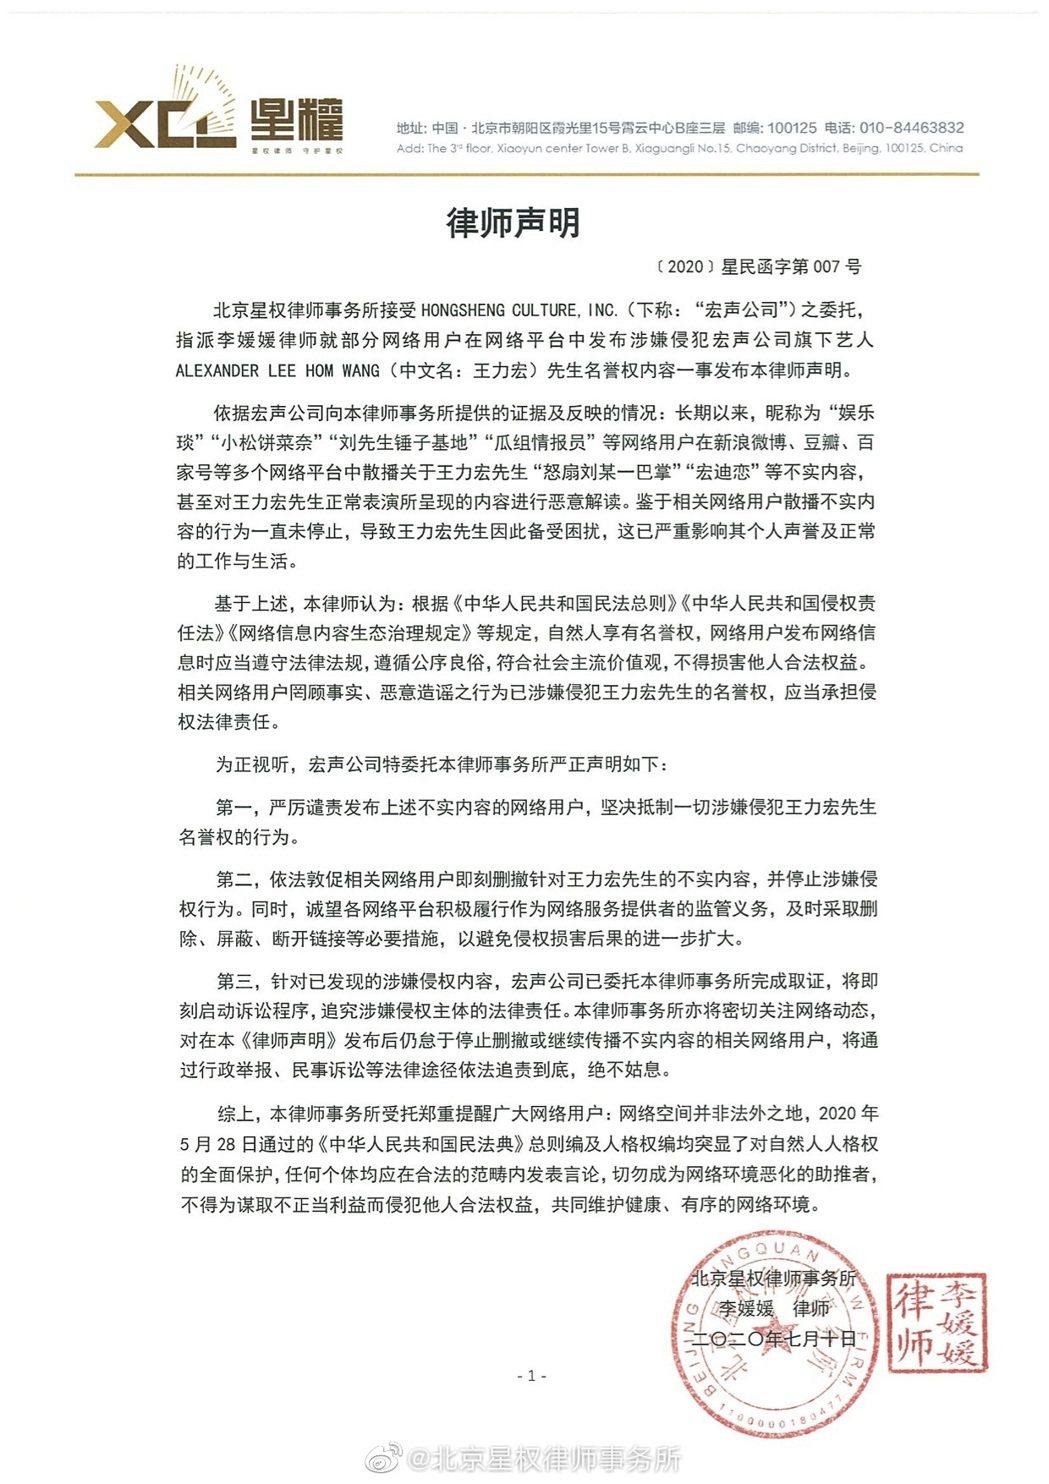 王力宏今發聲明闢謠喊告。圖/摘自微博